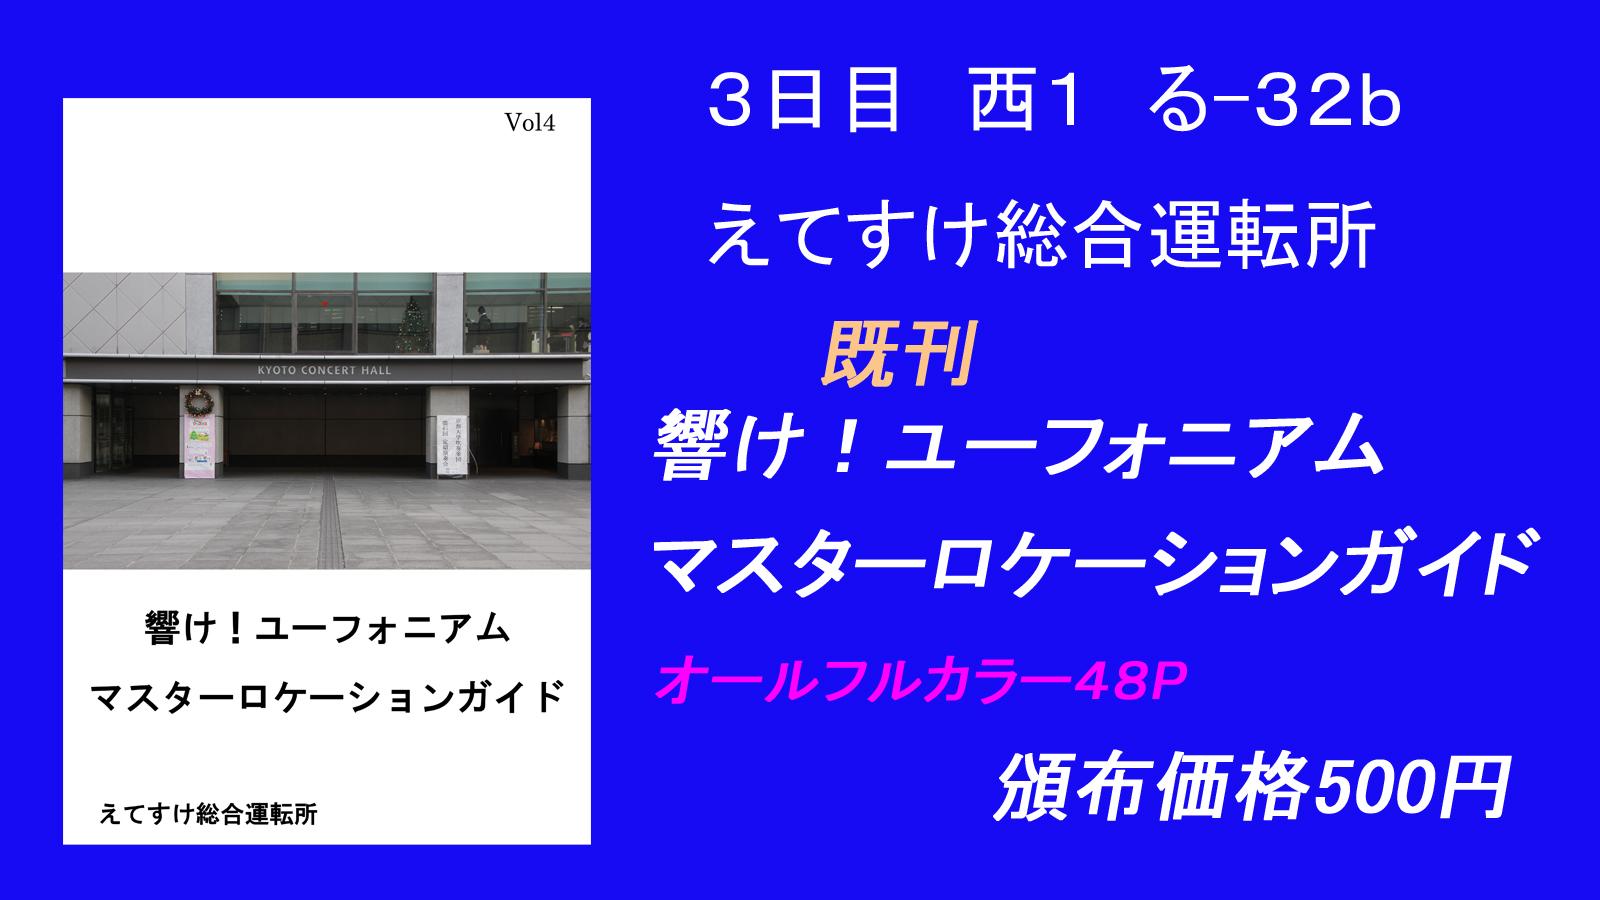 コミケ宣伝放送2 既刊ユーフォニアム ジェーペグ